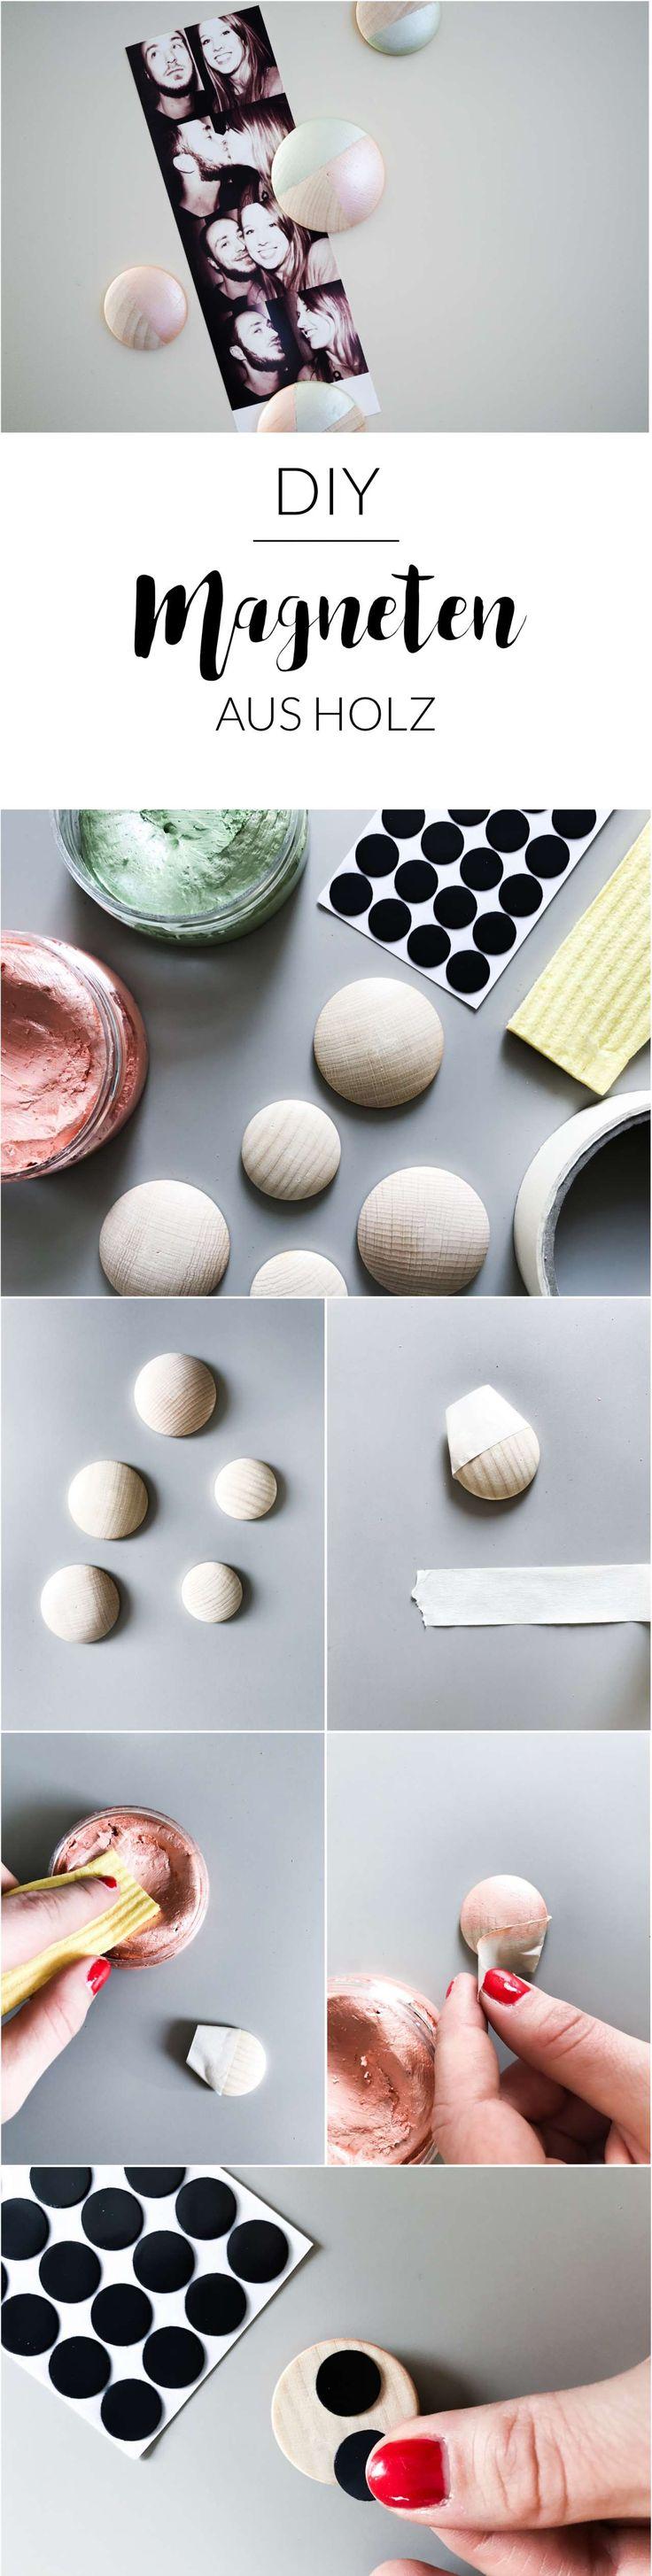 612 besten do it yourself bilder auf pinterest basteln diy deko und selbermachen. Black Bedroom Furniture Sets. Home Design Ideas